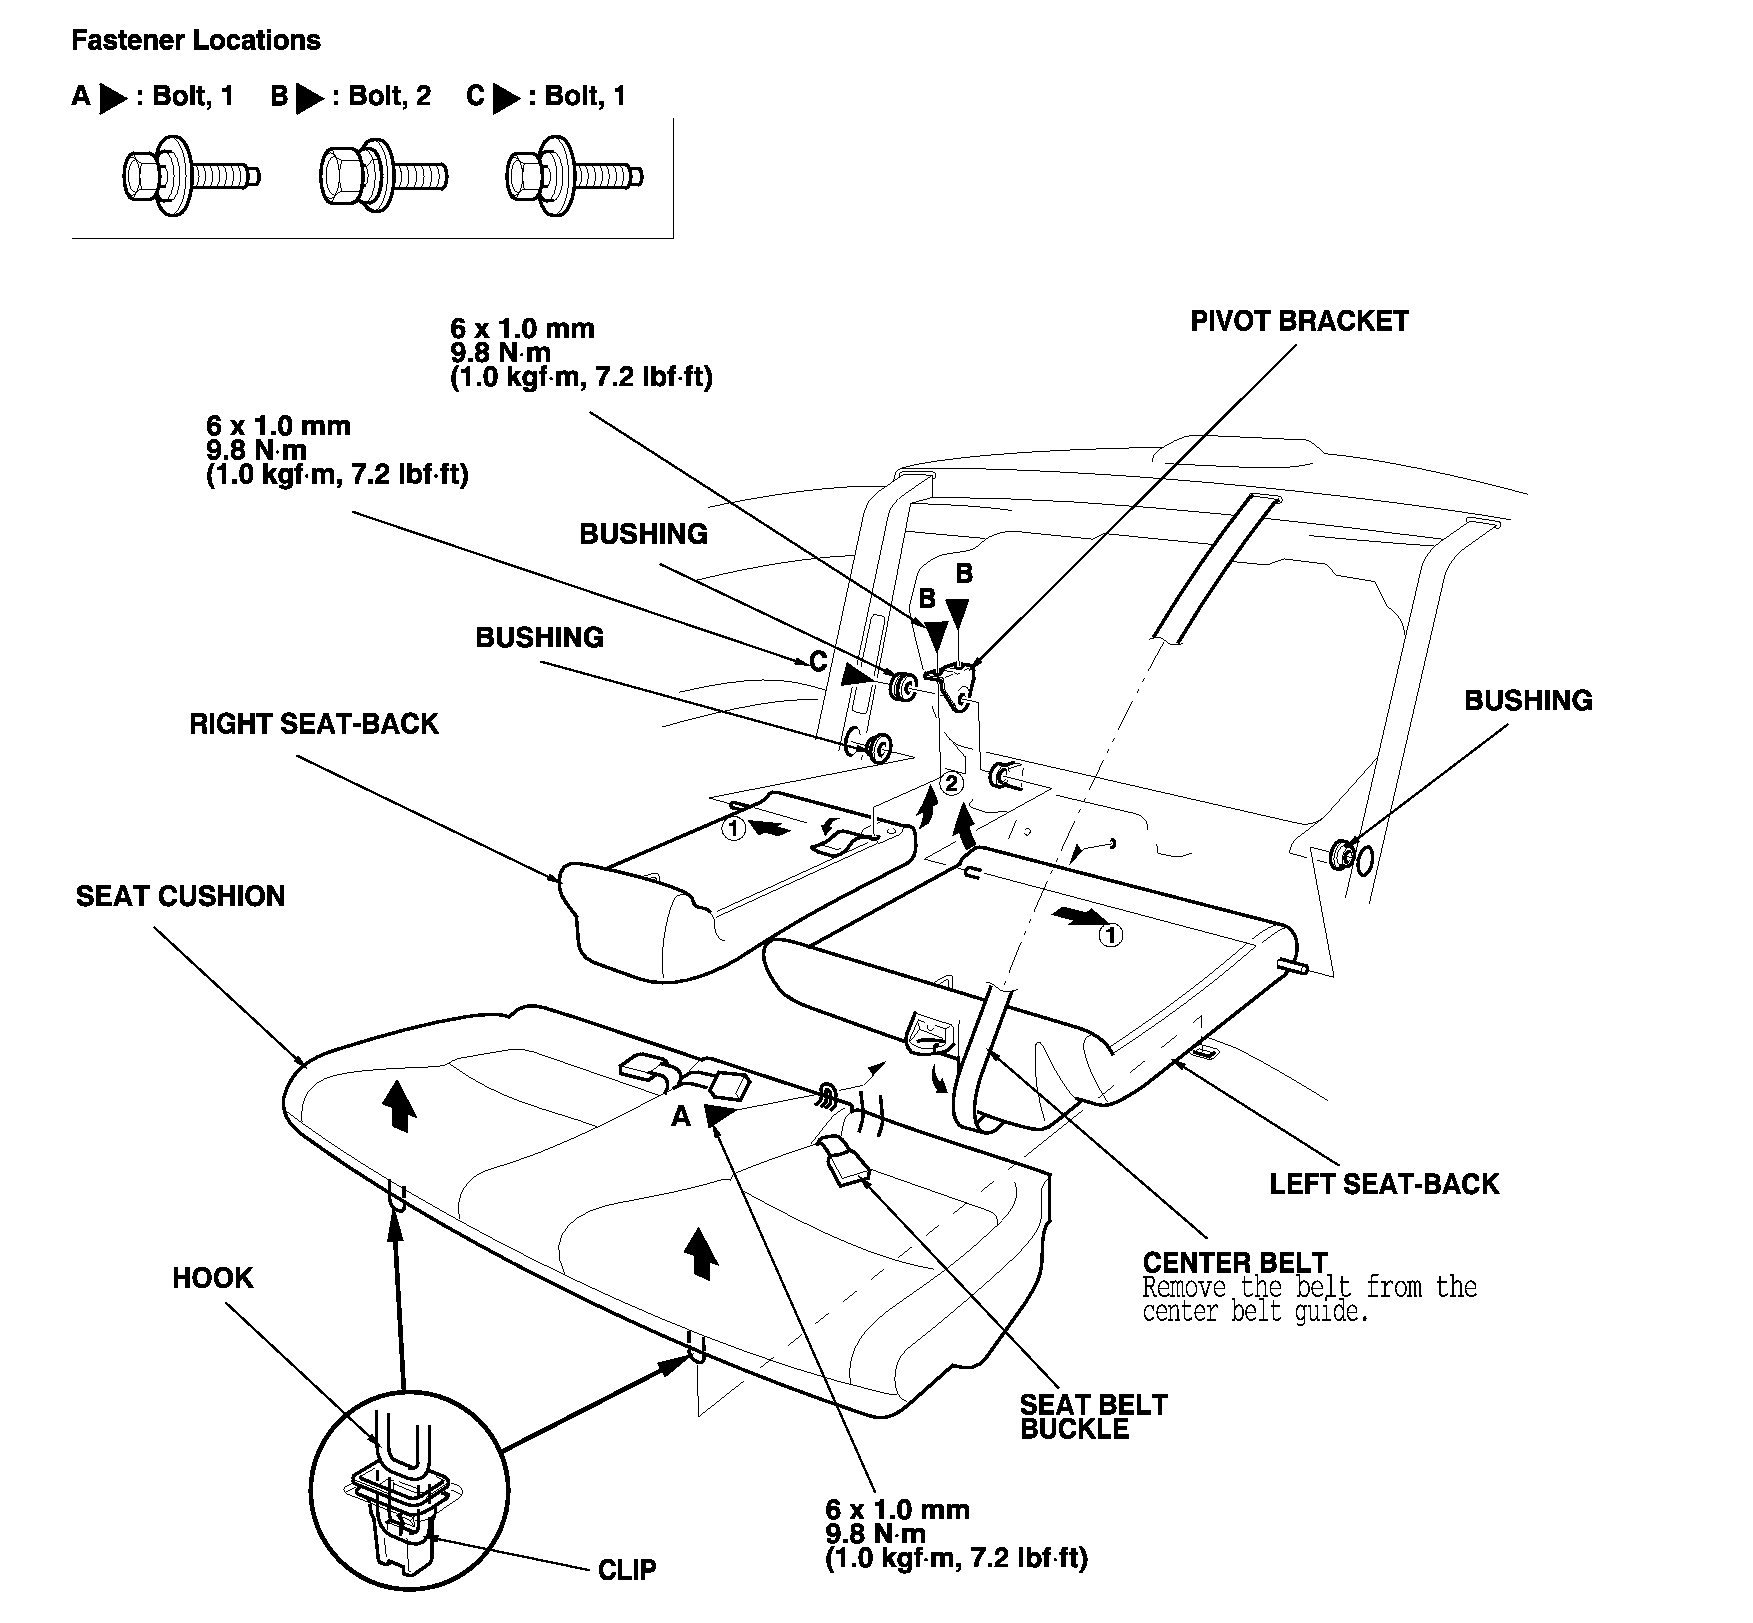 2001 CIVIC - Fuel Pump/Fuel Gauge Sending Unit Replacement